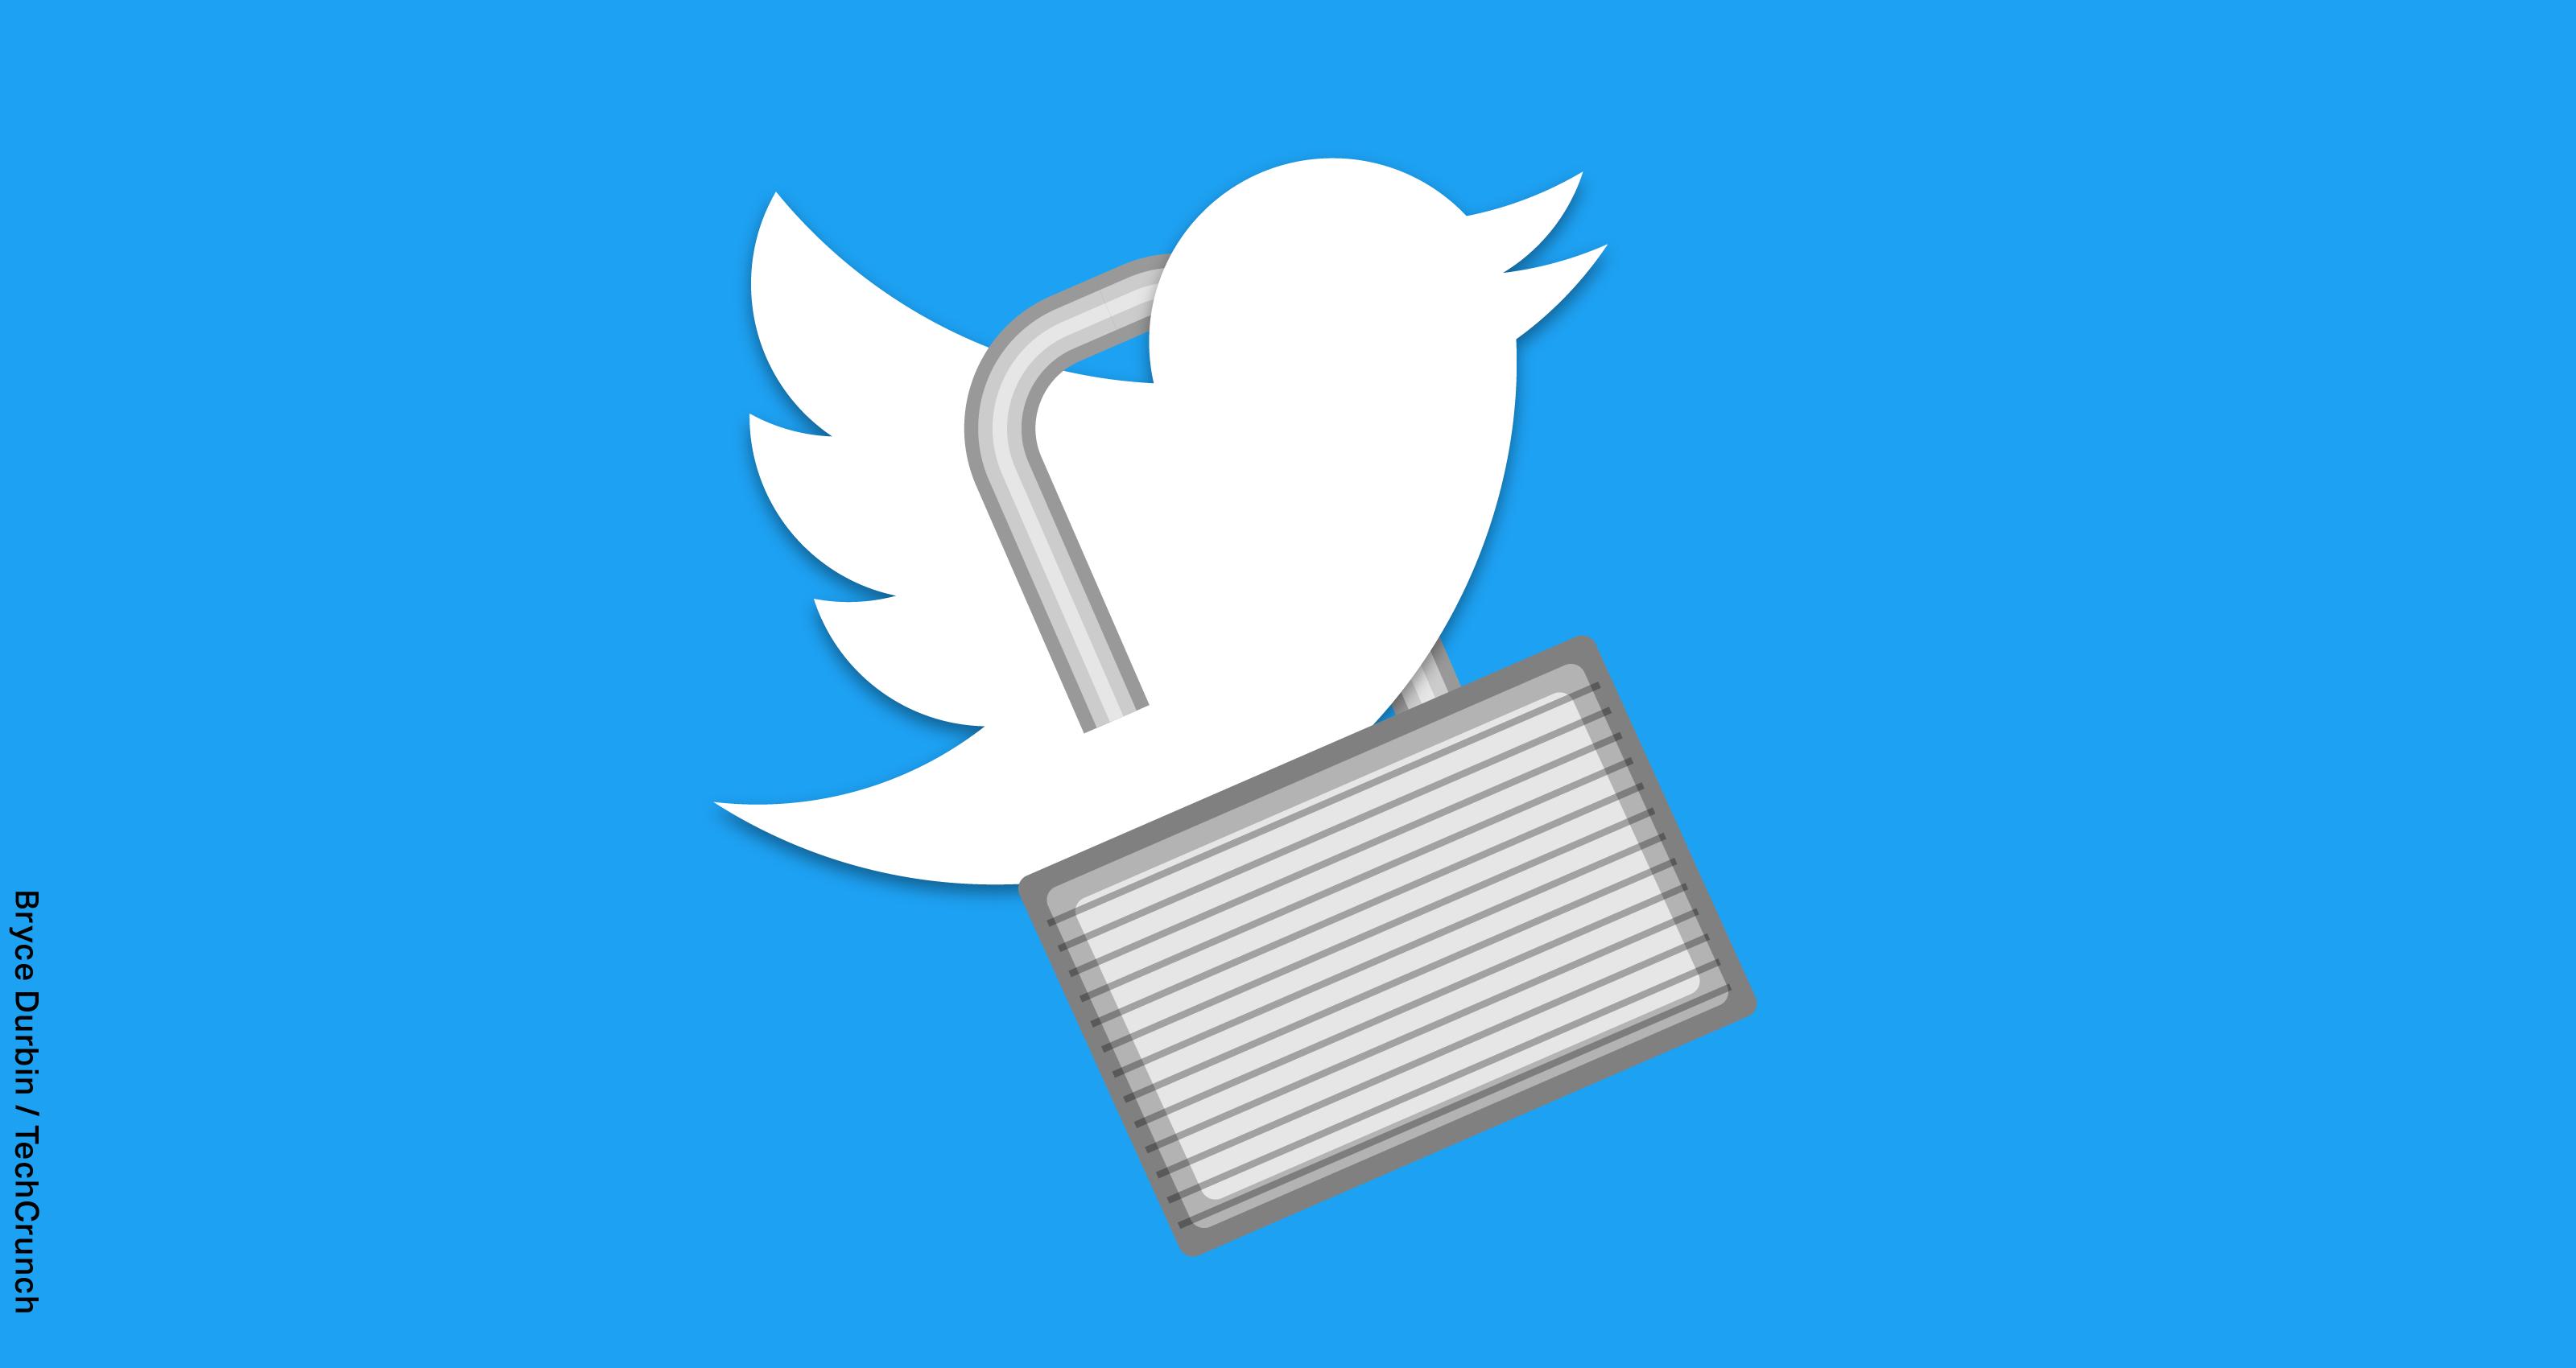 Роскомнадзор пригрозил заблокировать Twitter, если соцсеть неудалит запрещенные материалы